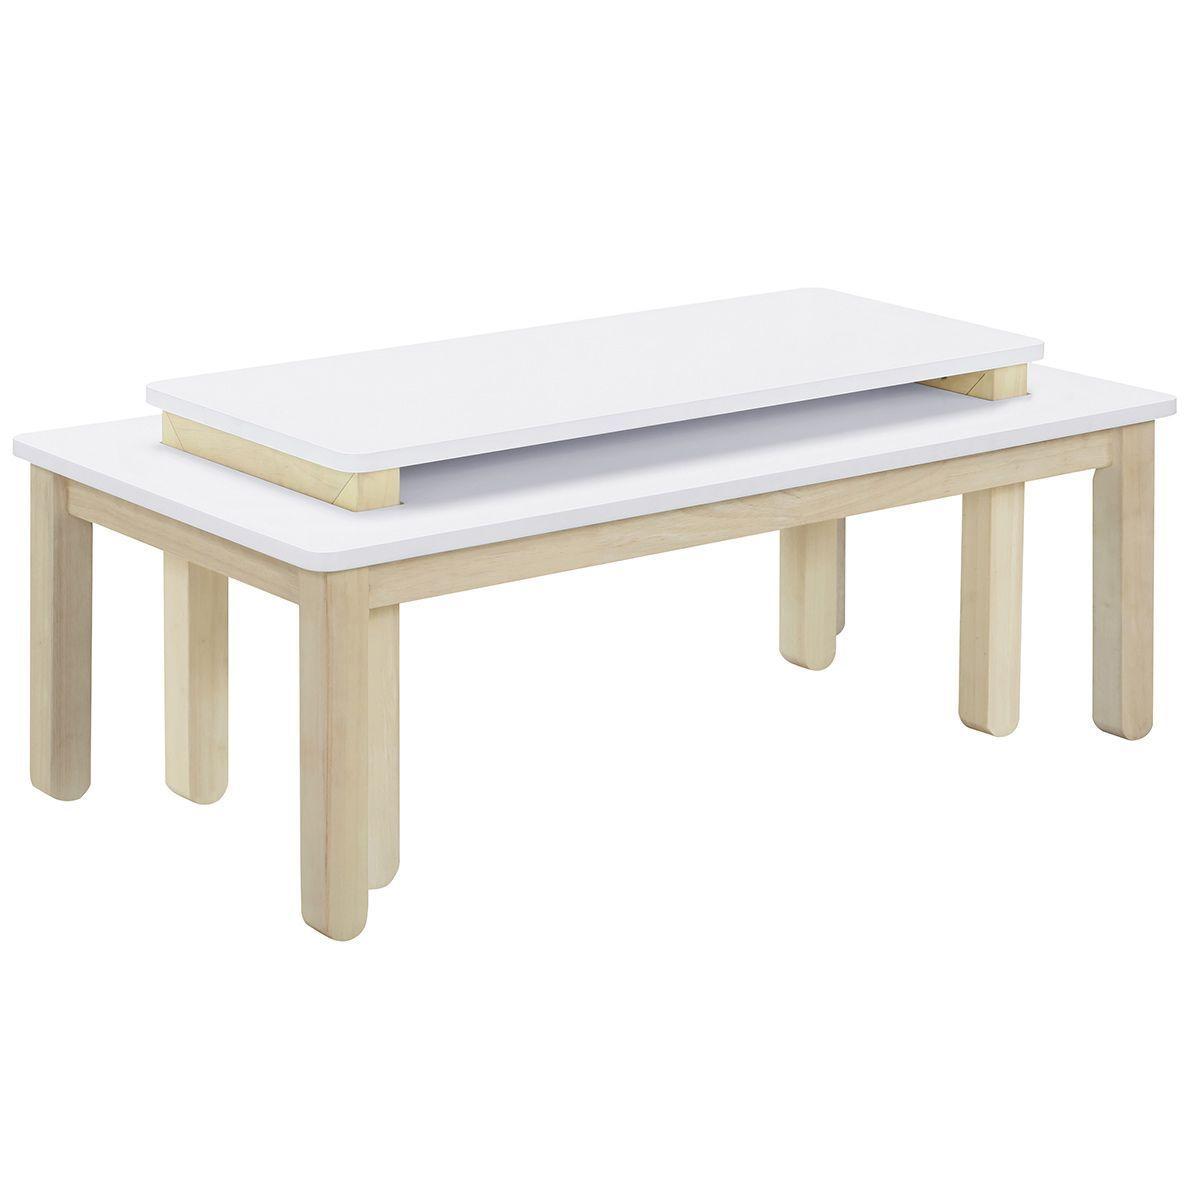 Table Basse Scandinave Avec Banc Integre Blanc Et Bois Clair Cybel Taille Taille Unique Table Basse Scandinave Table Basse Et Bois